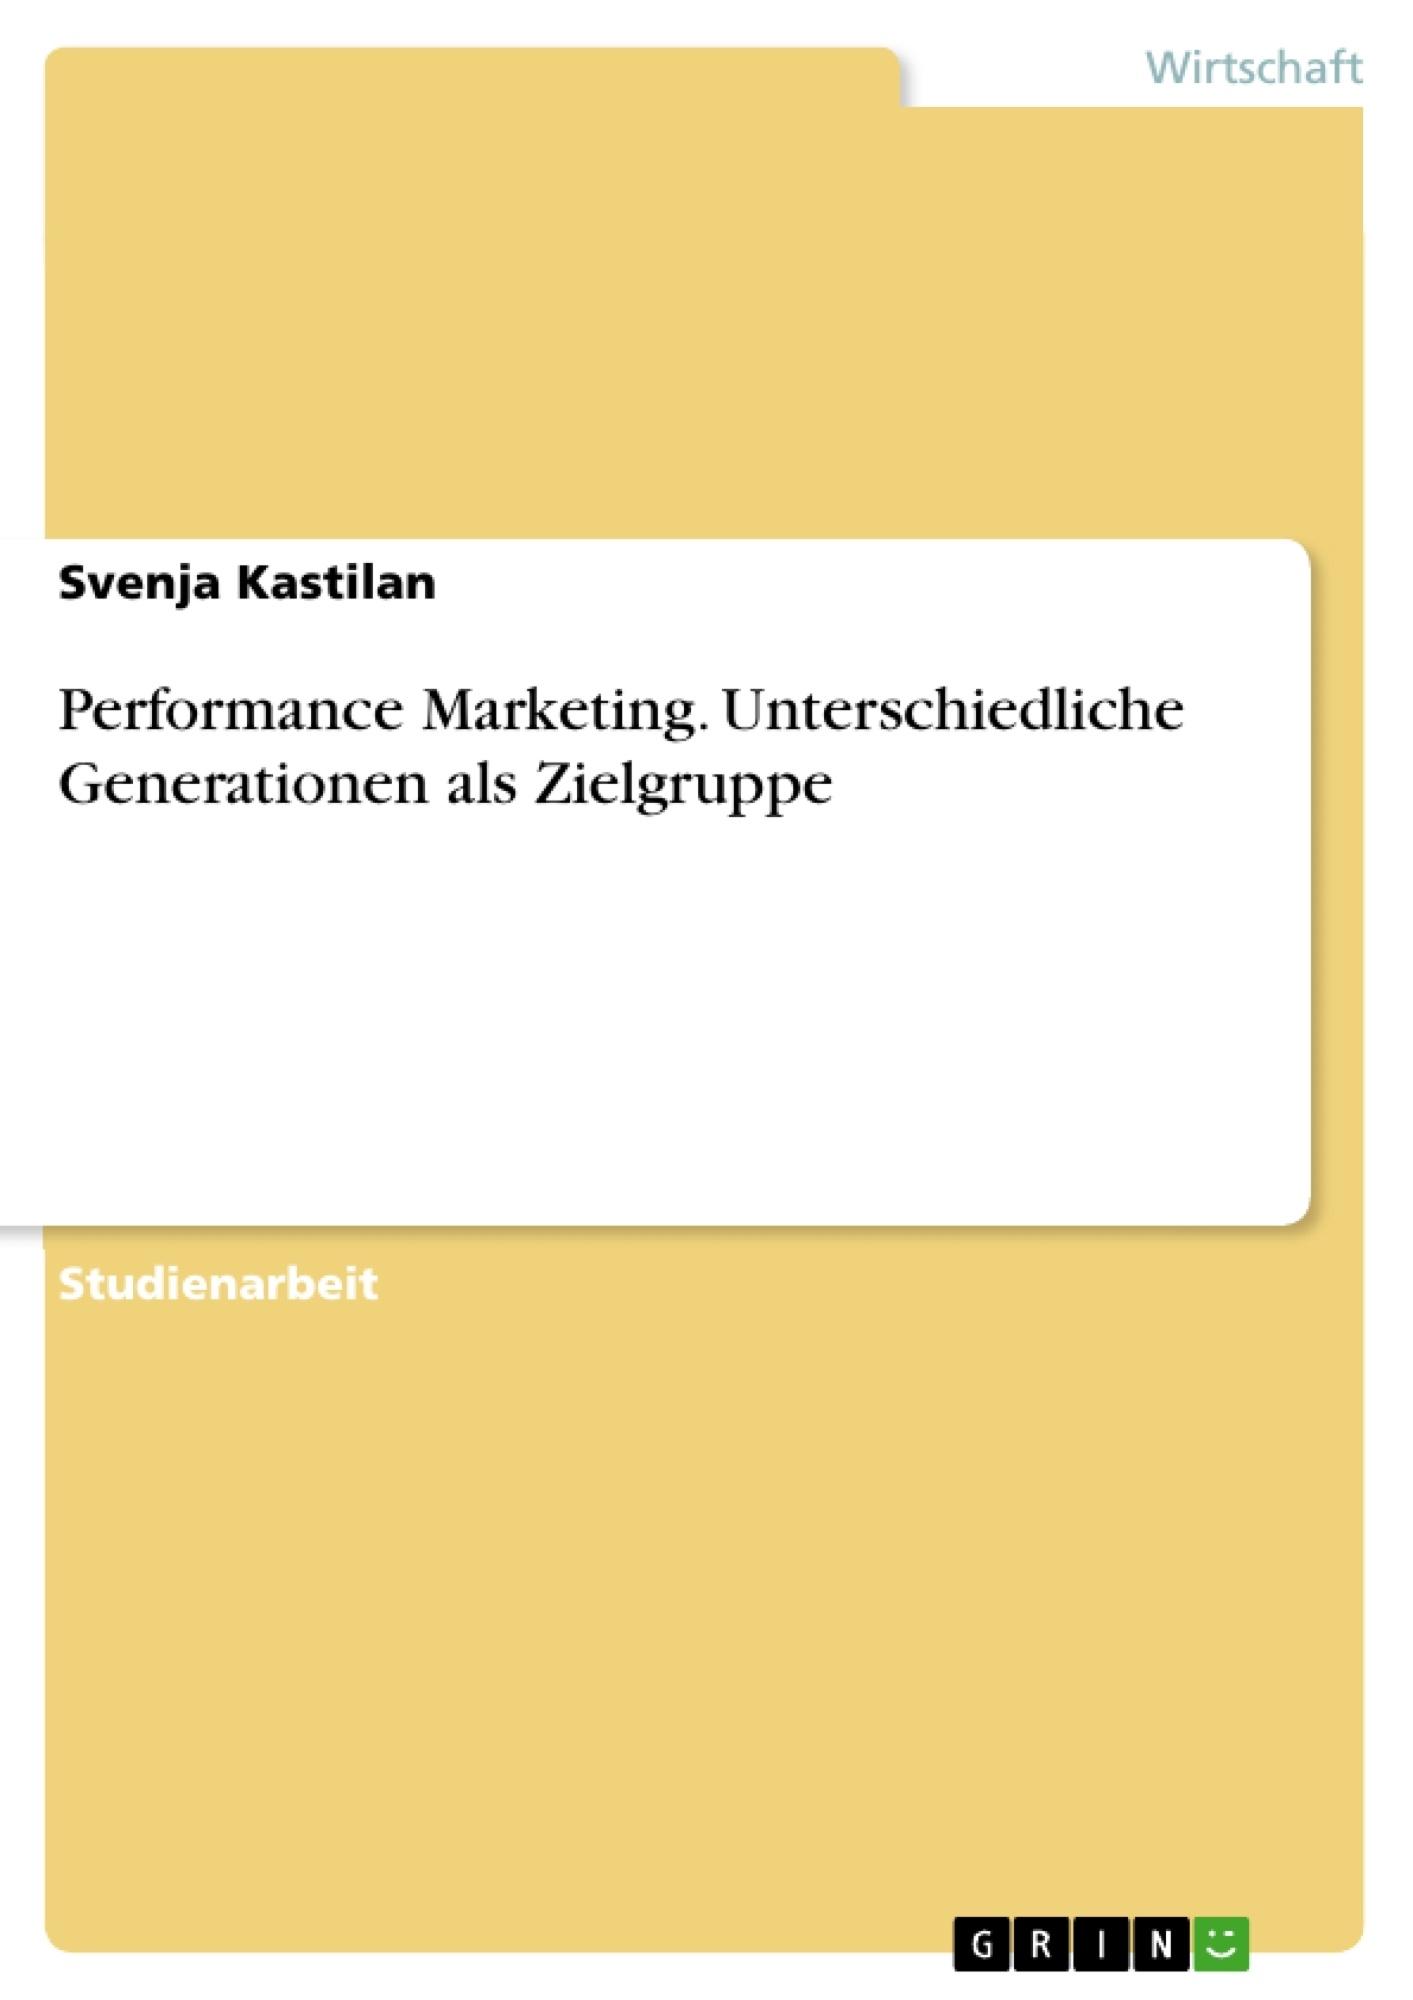 Titel: Performance Marketing. Unterschiedliche Generationen als Zielgruppe